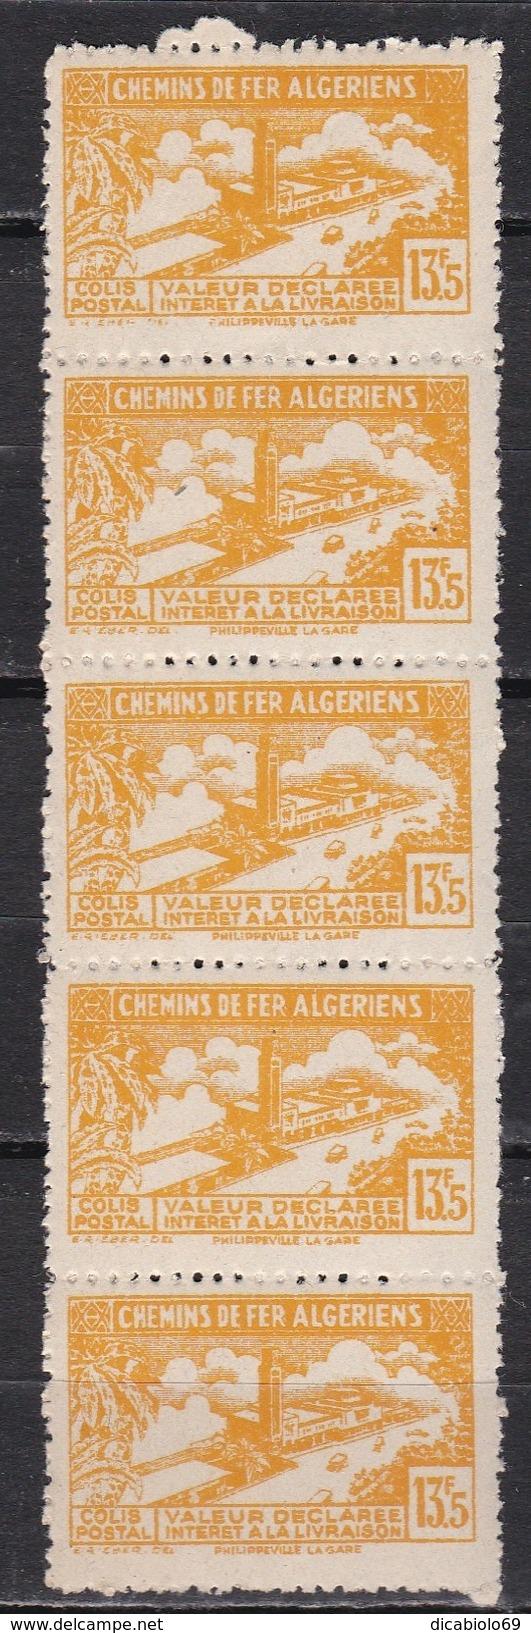 Algérie 1943 - Colis Postaux N°116a - Bande De 5 Timbres Neufs** - TTB - Algérie (1924-1962)